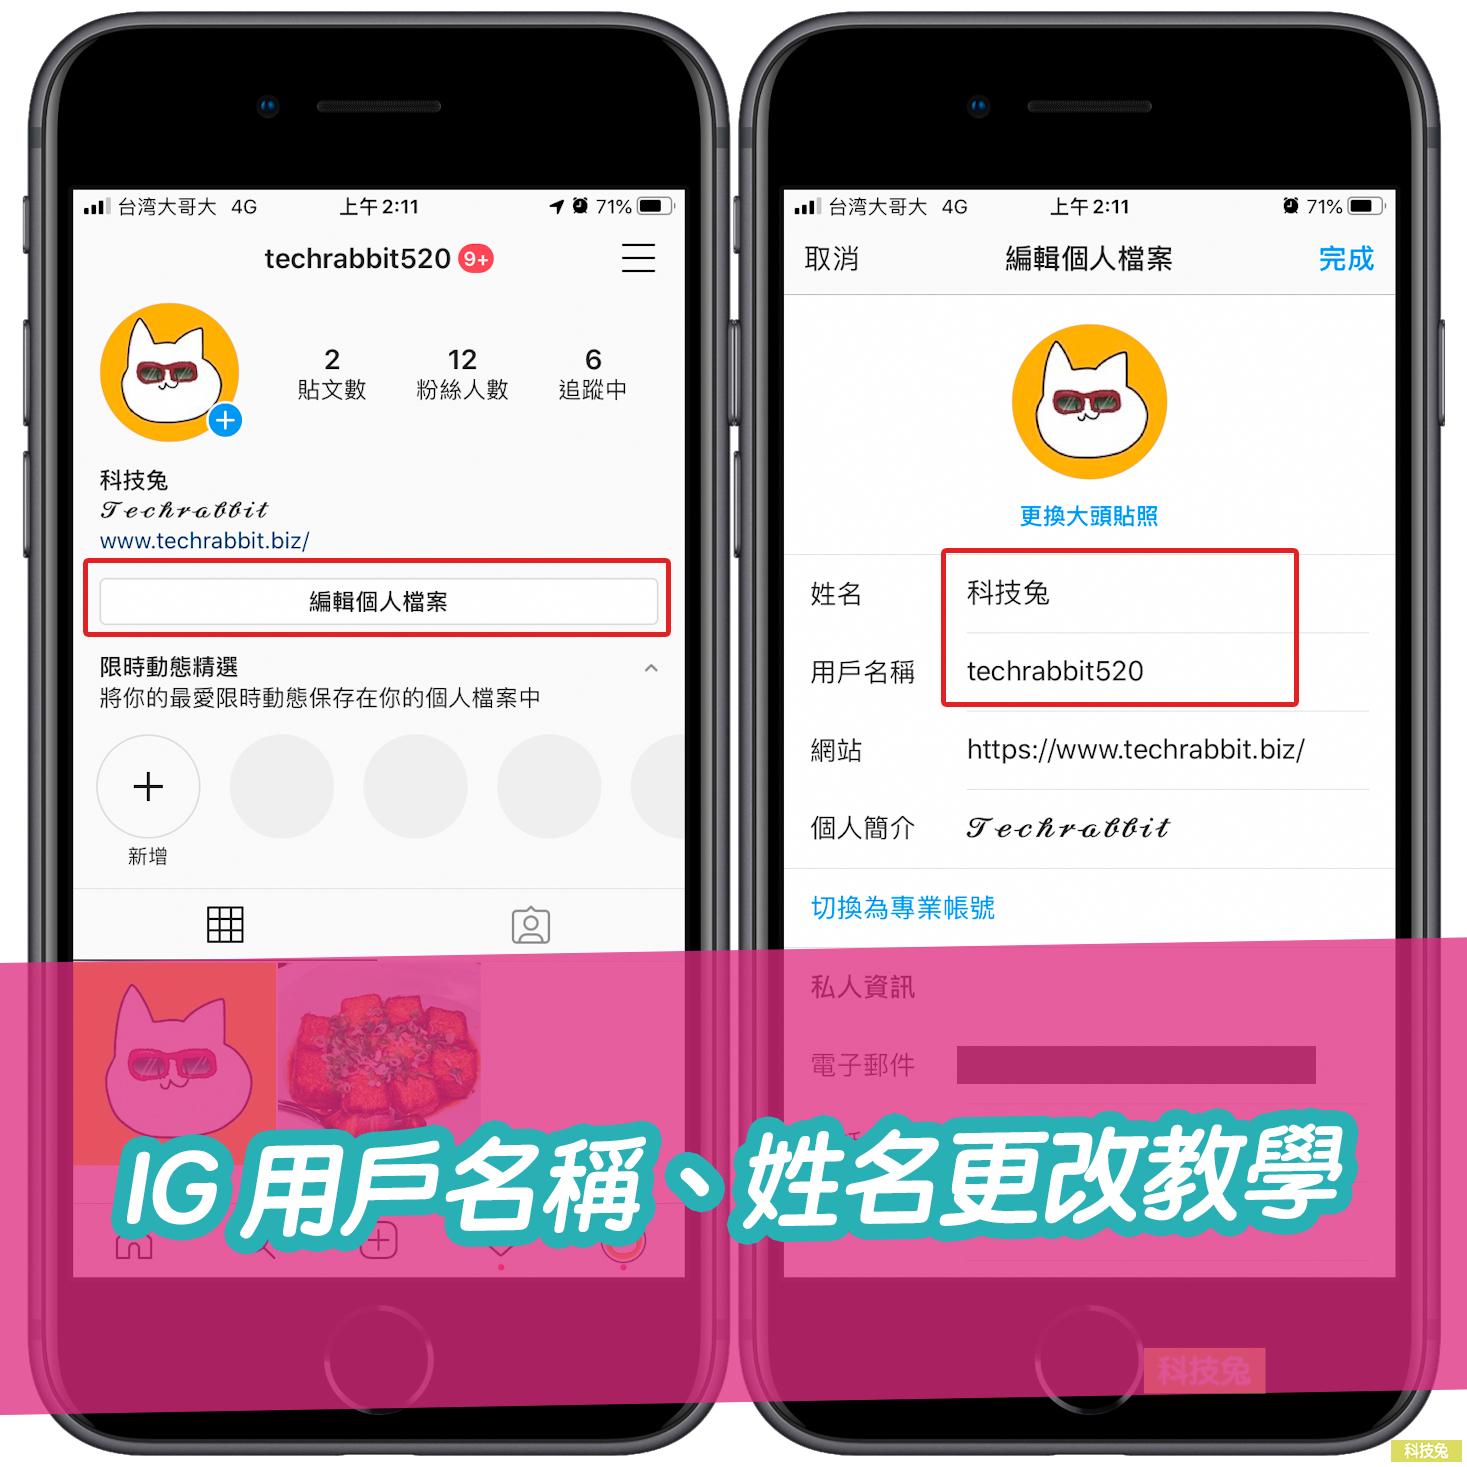 IG 用戶名稱更改、中文姓名更改、次數規定